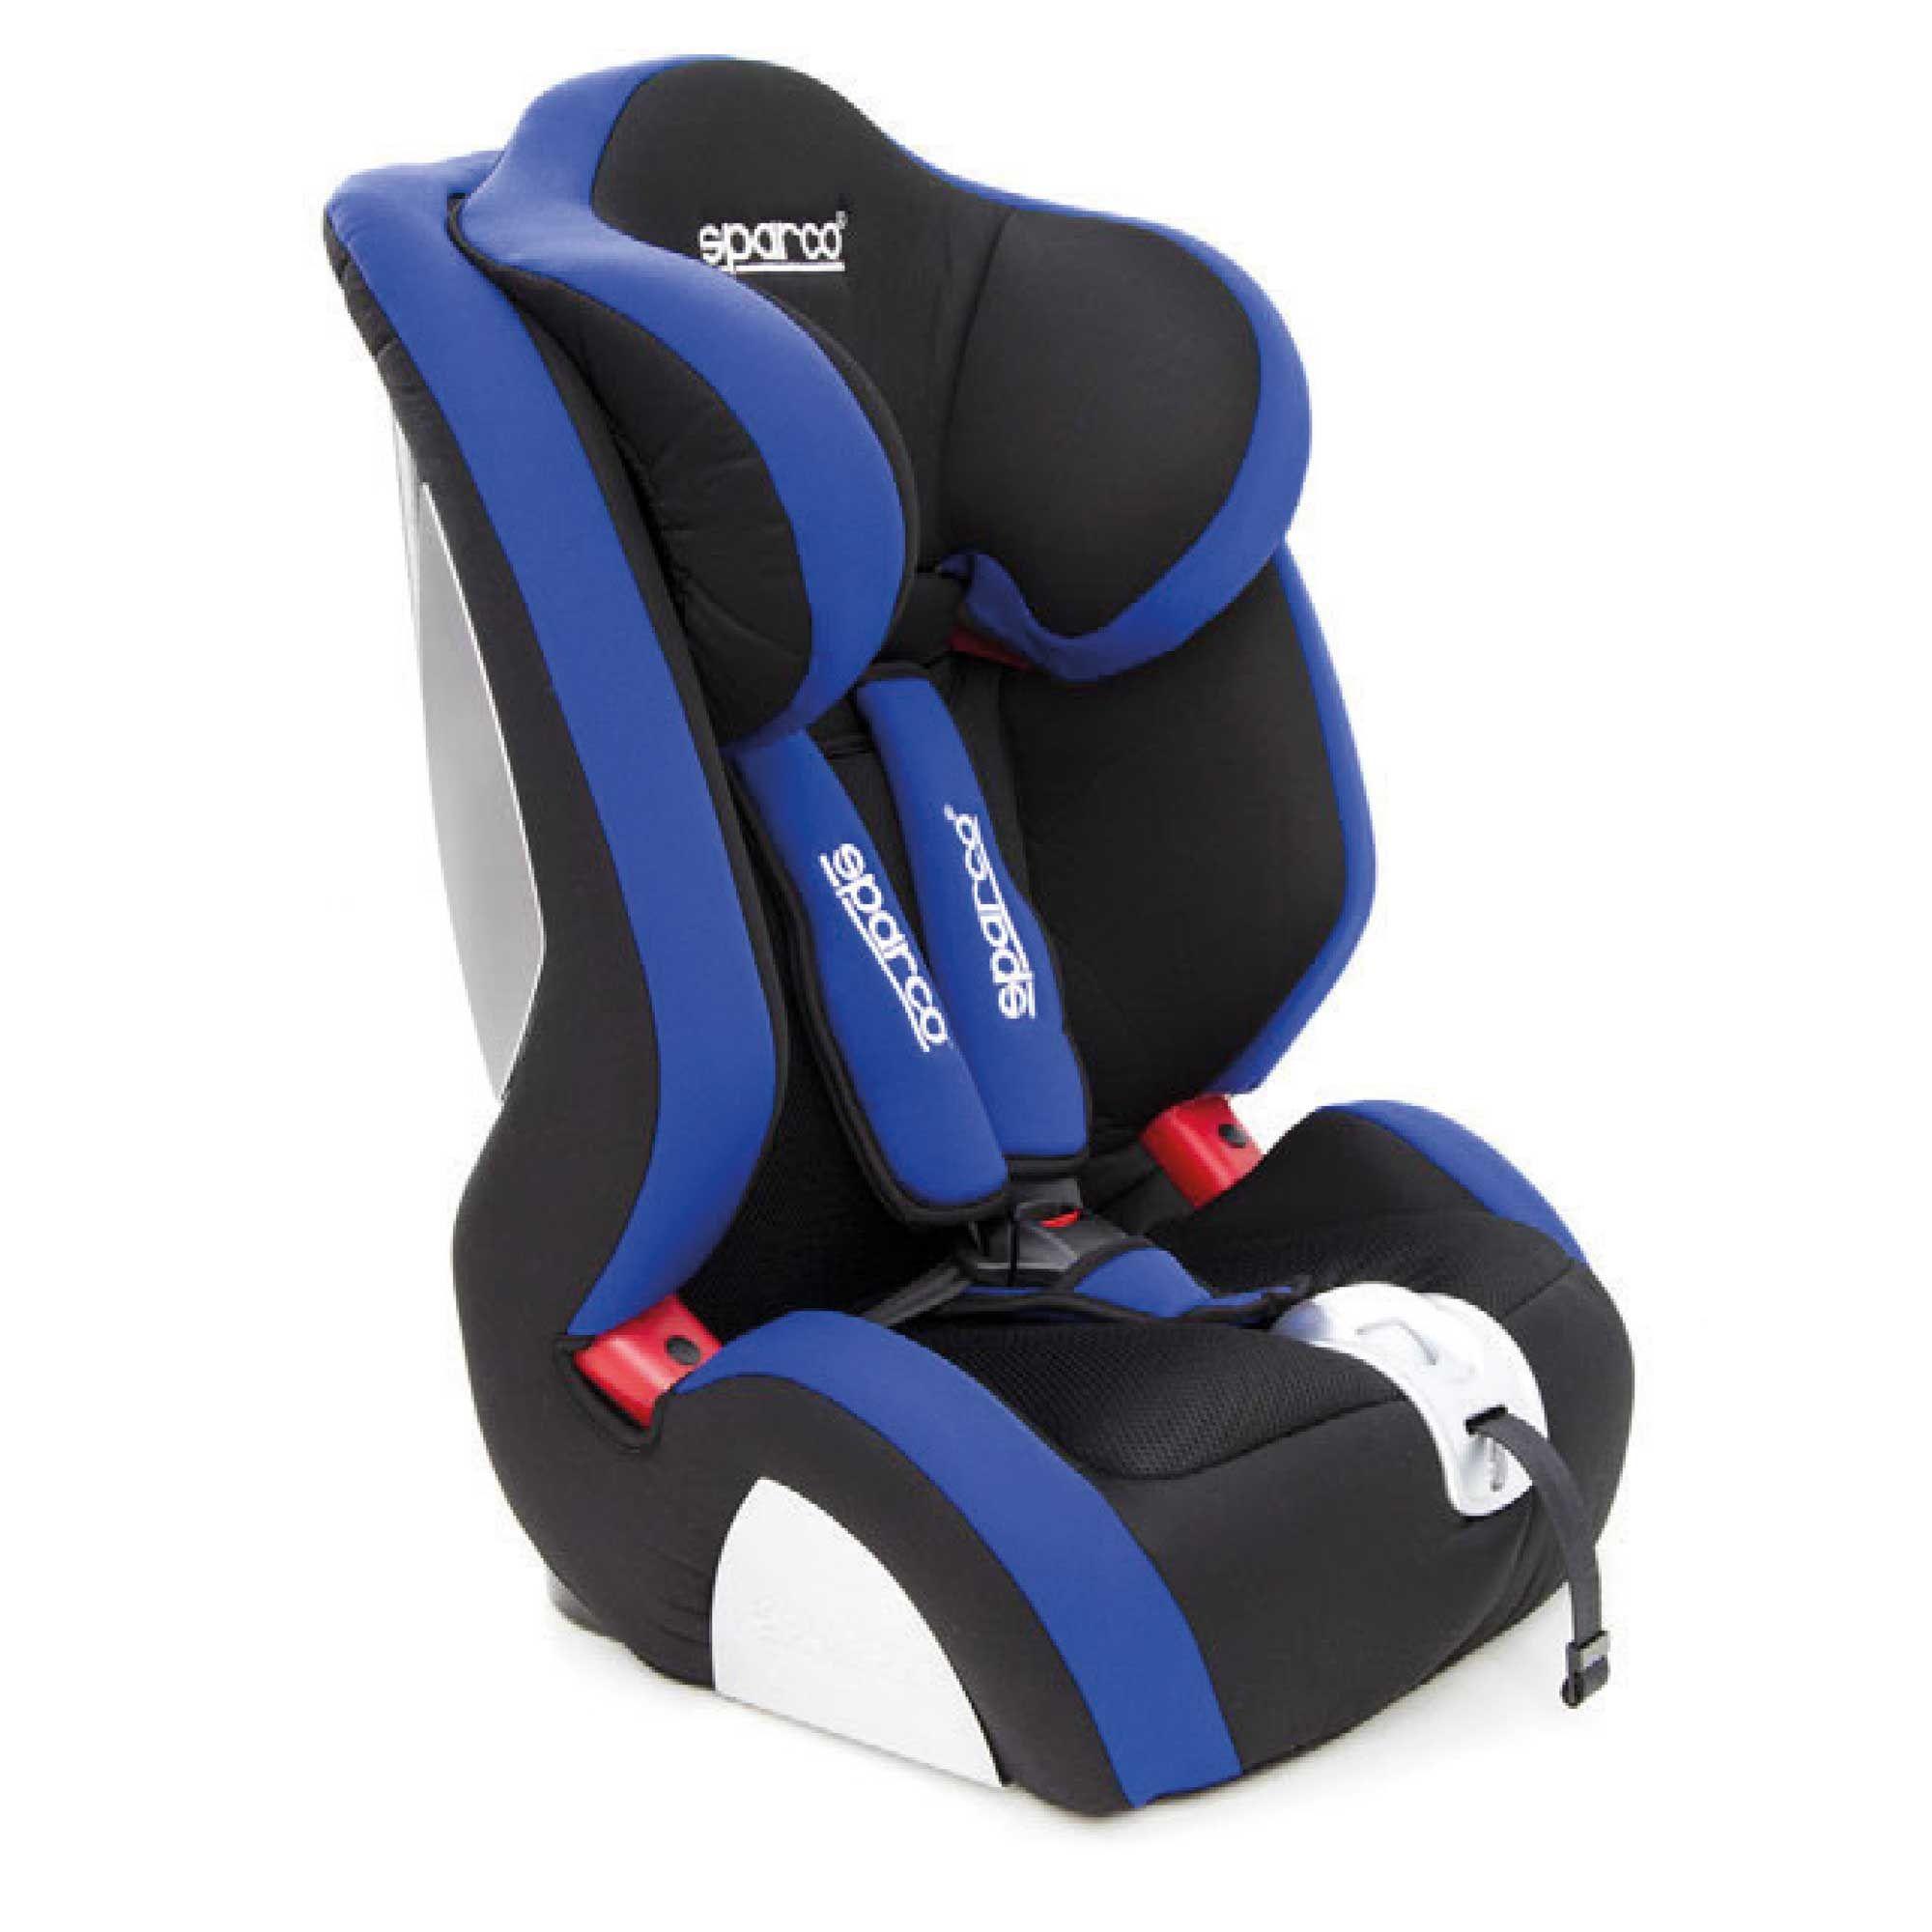 Toddler Racing Car Seat